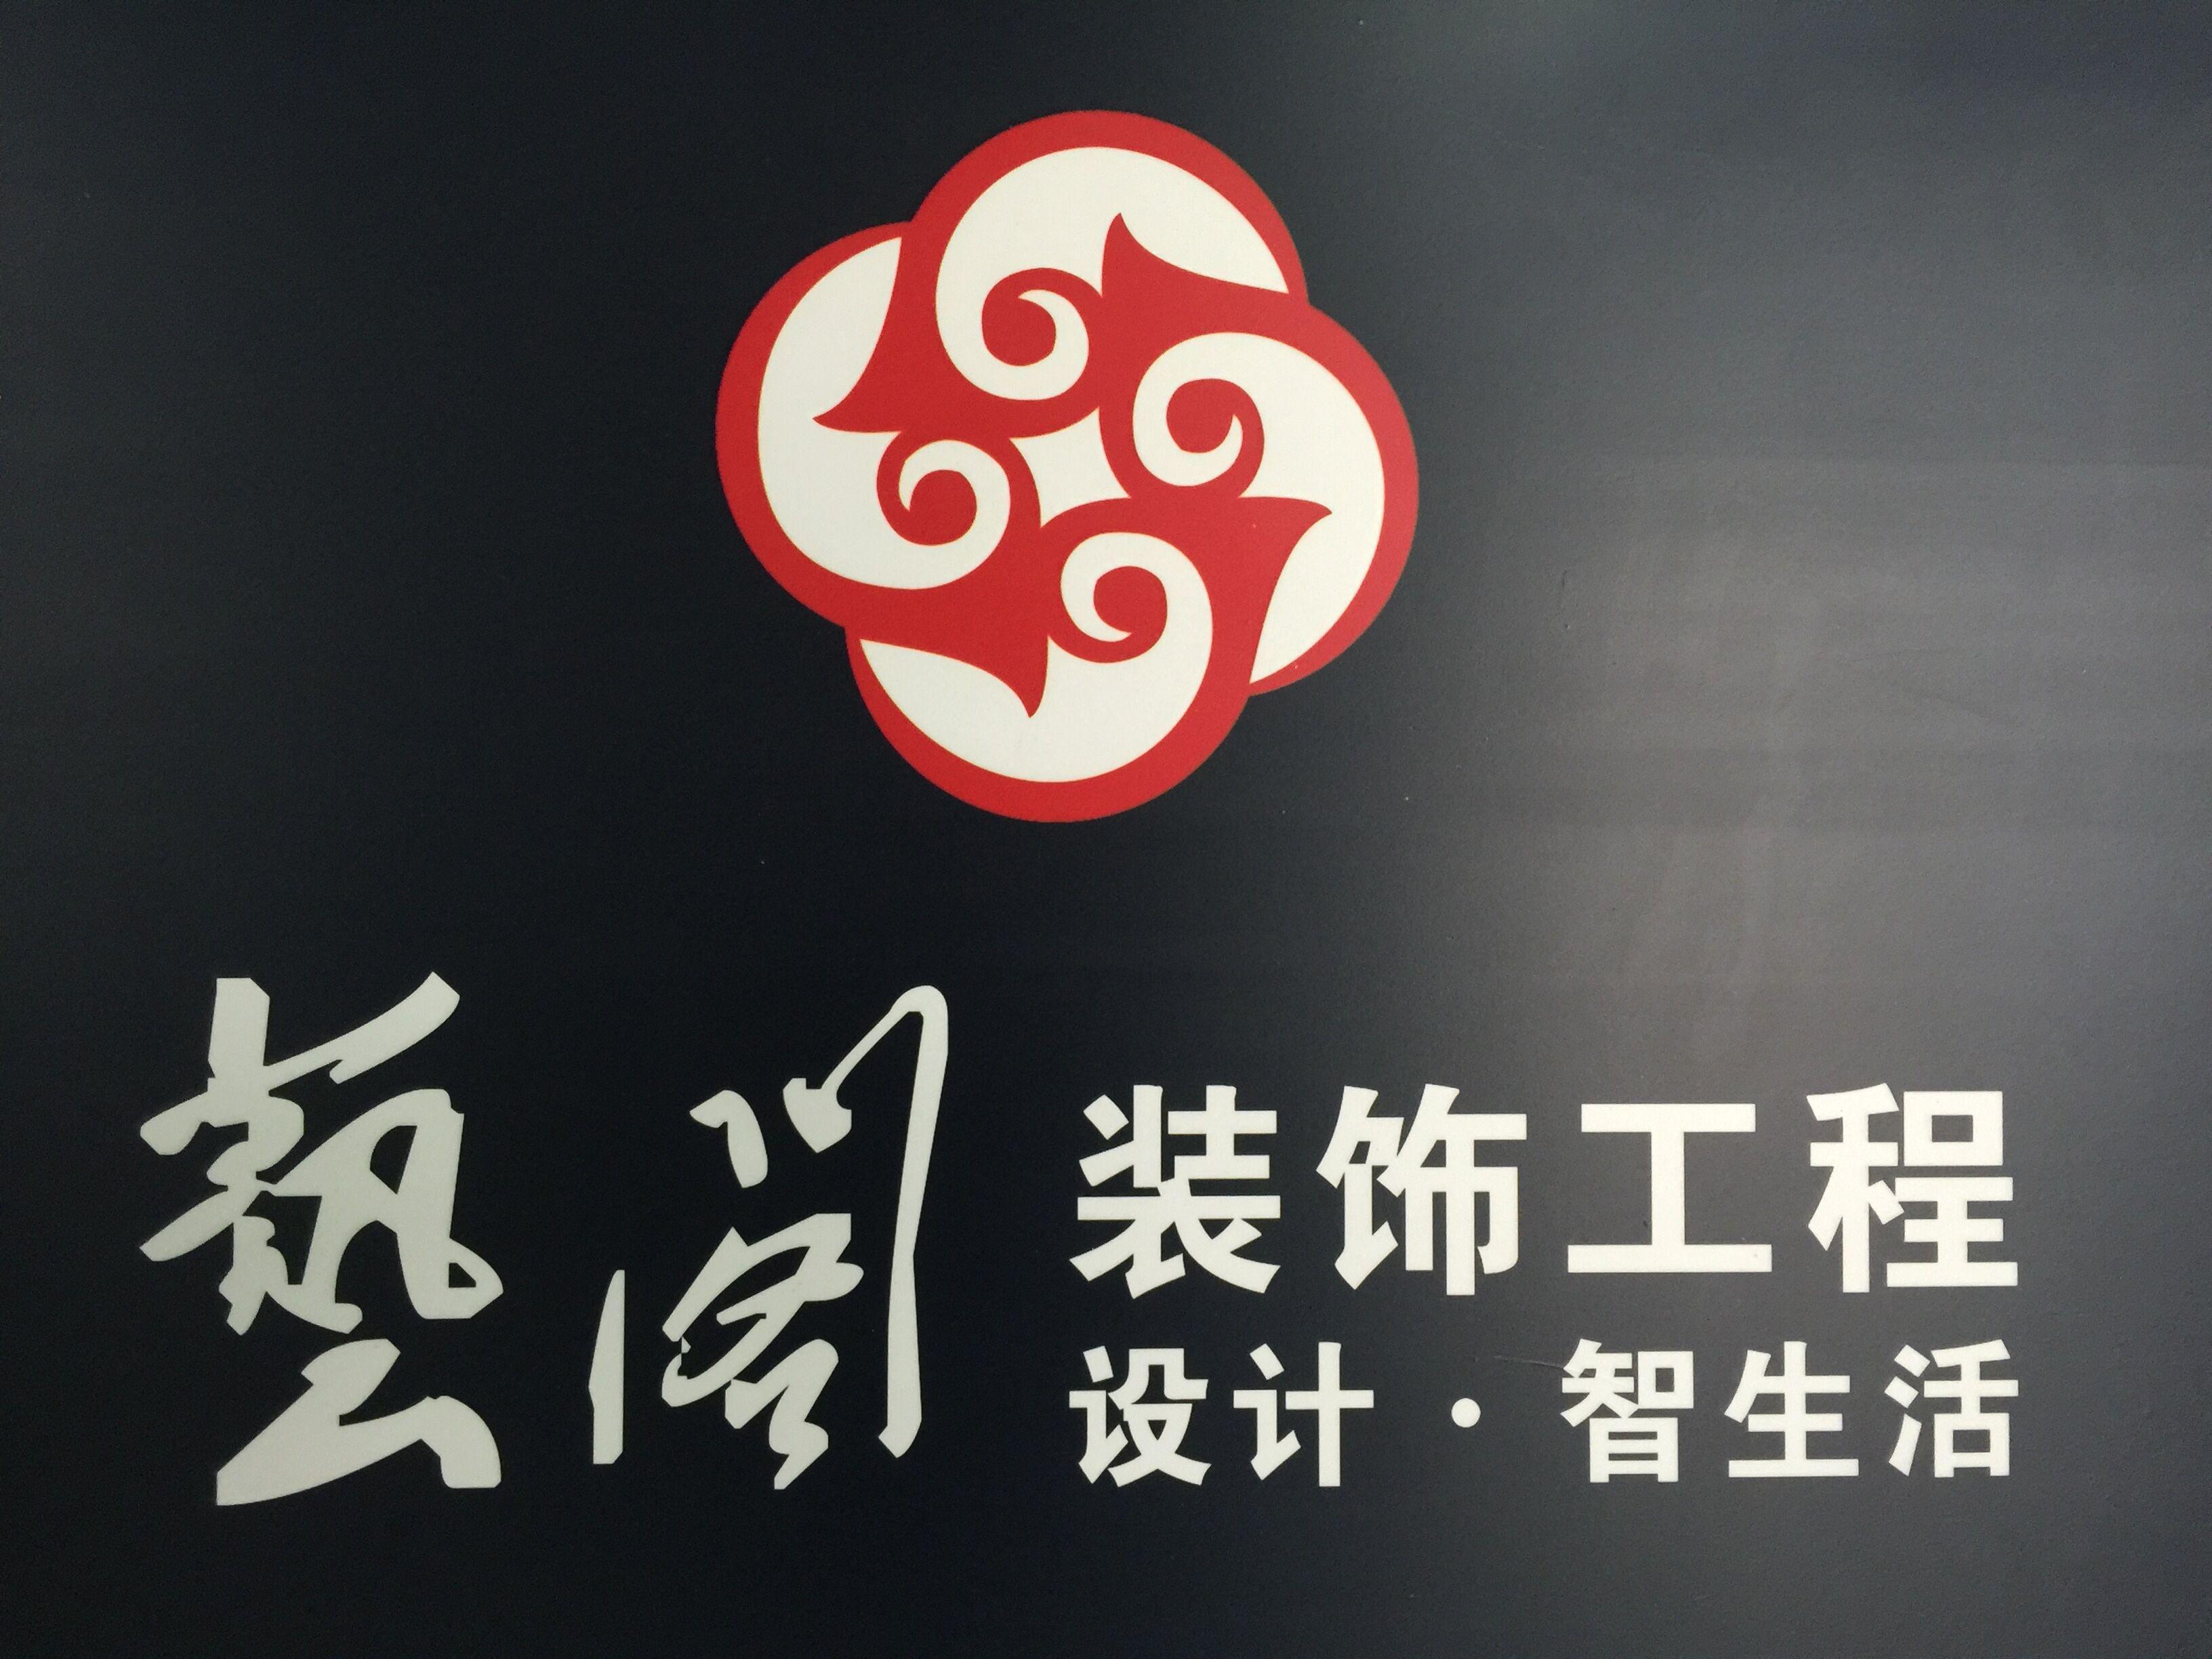 温州艺阁装饰工程有限公司